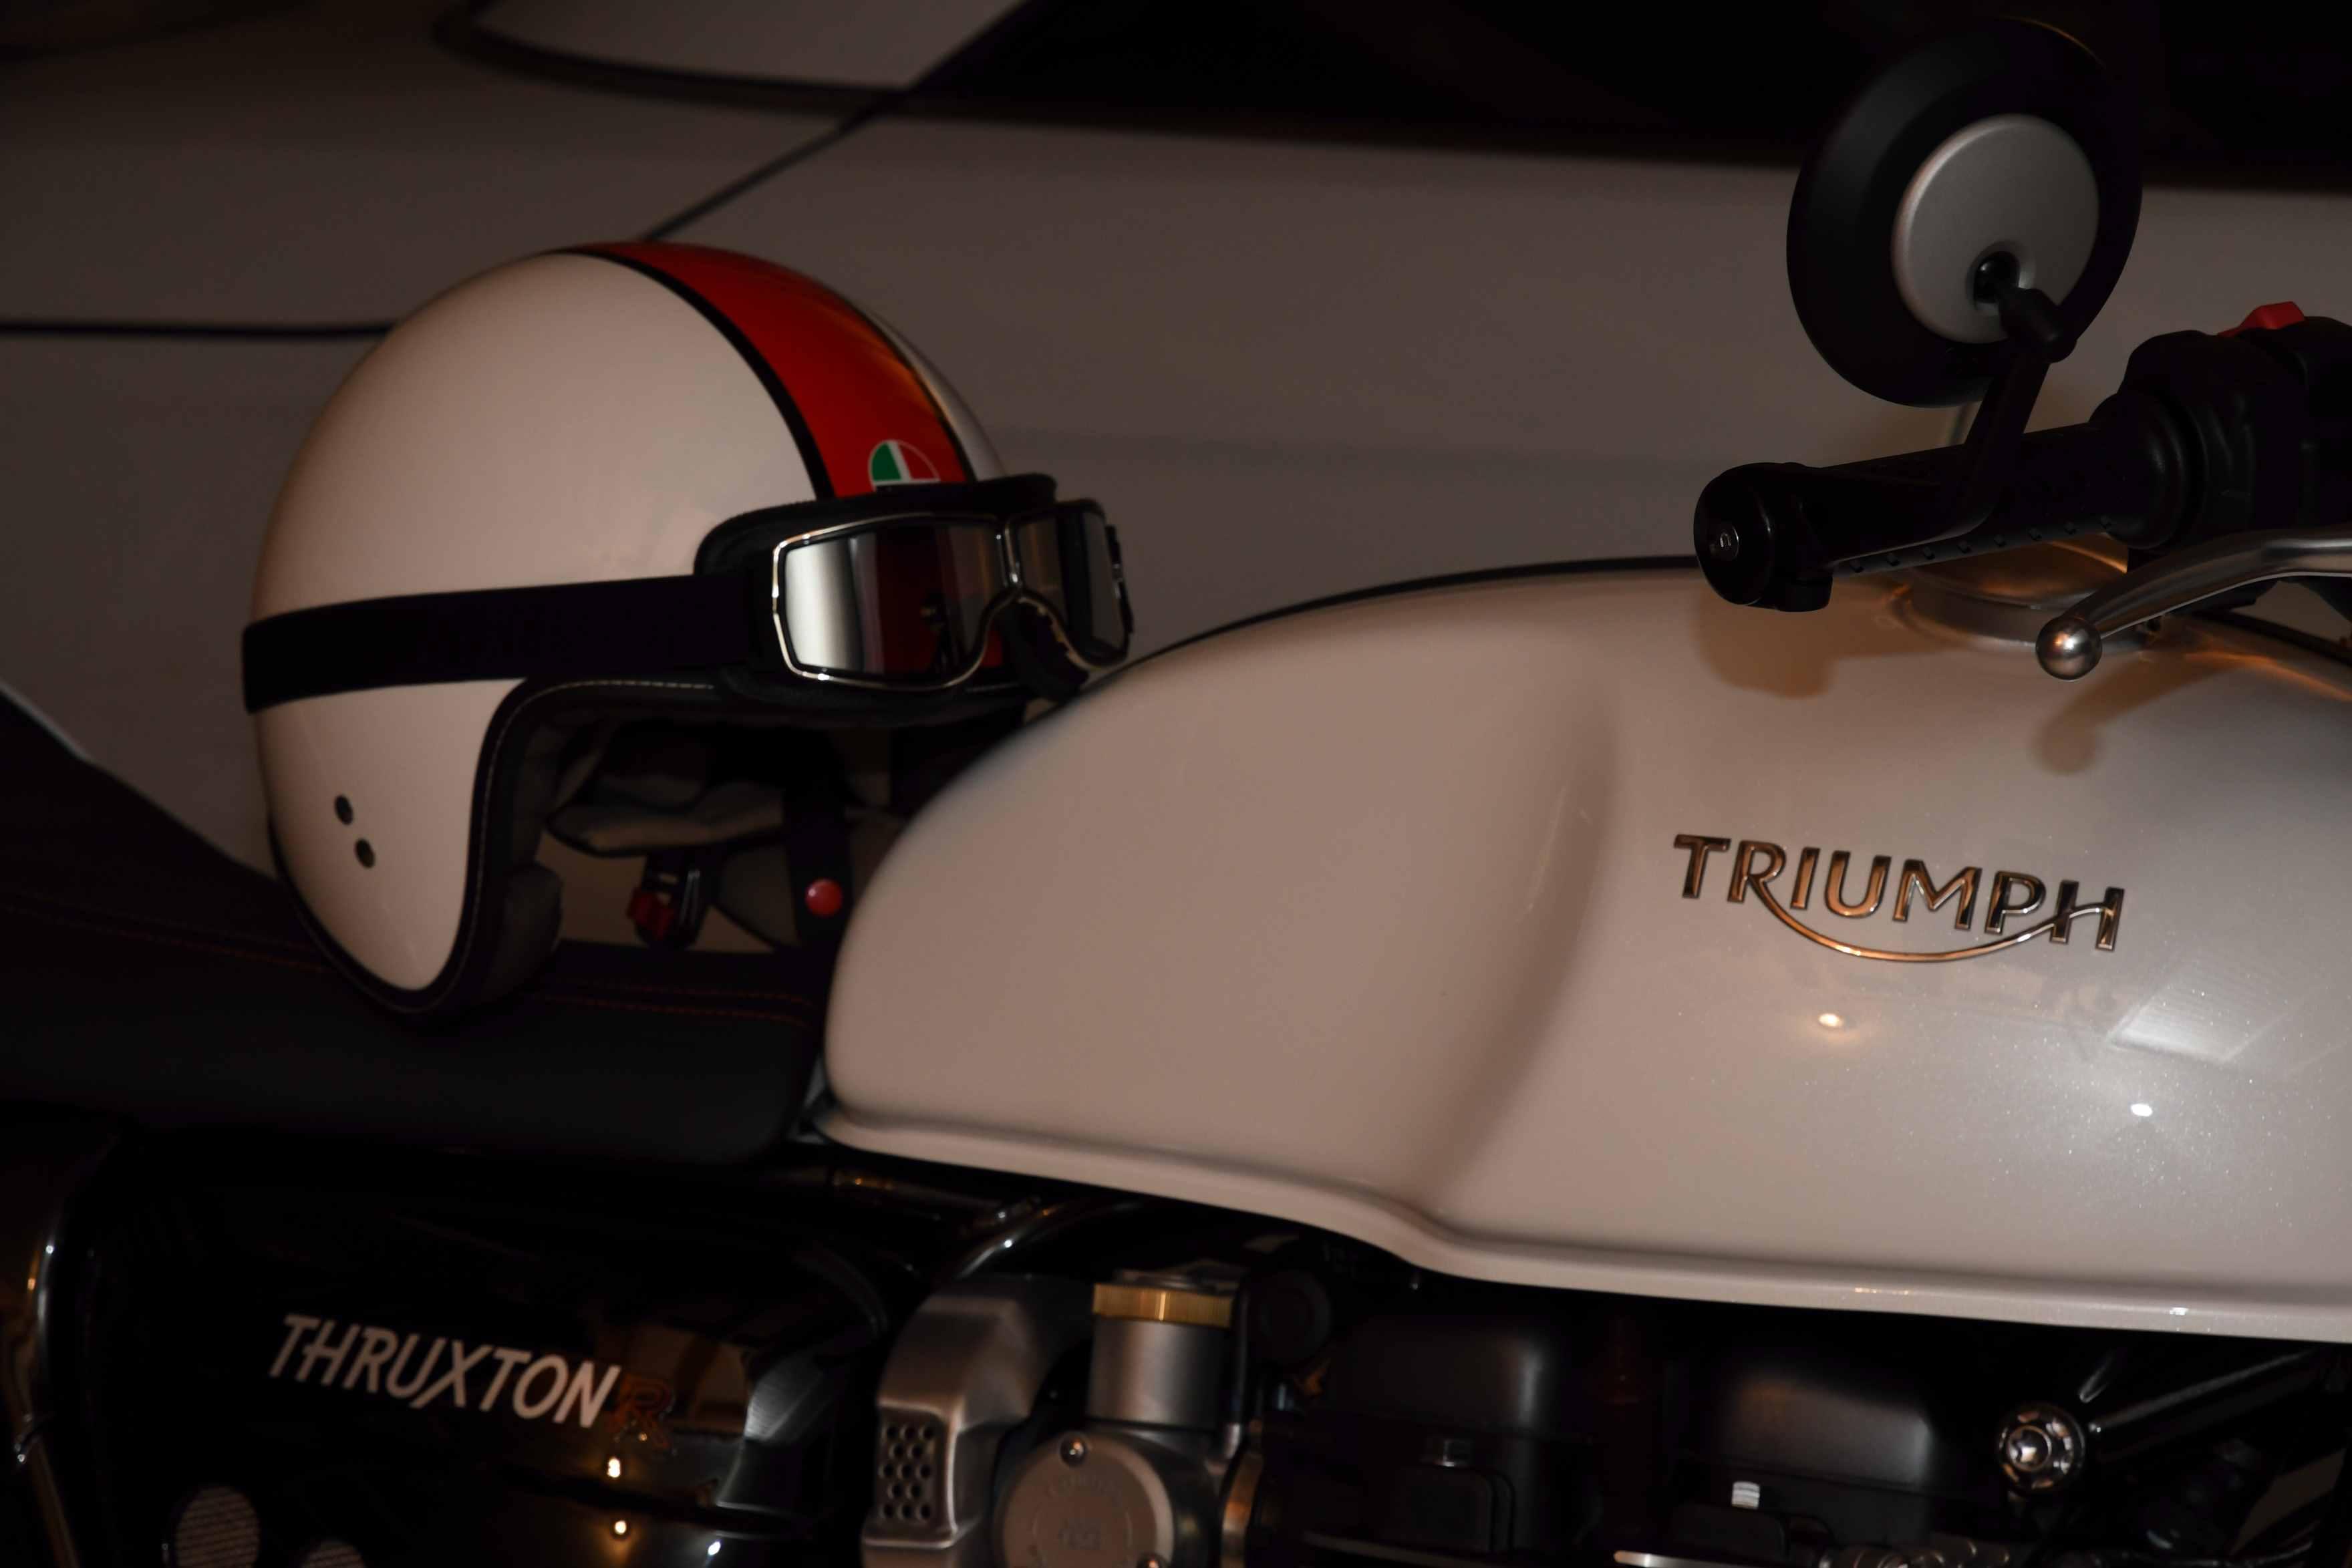 Triumph Thruxton et ThruxtonR  - Page 2 180114123313512748